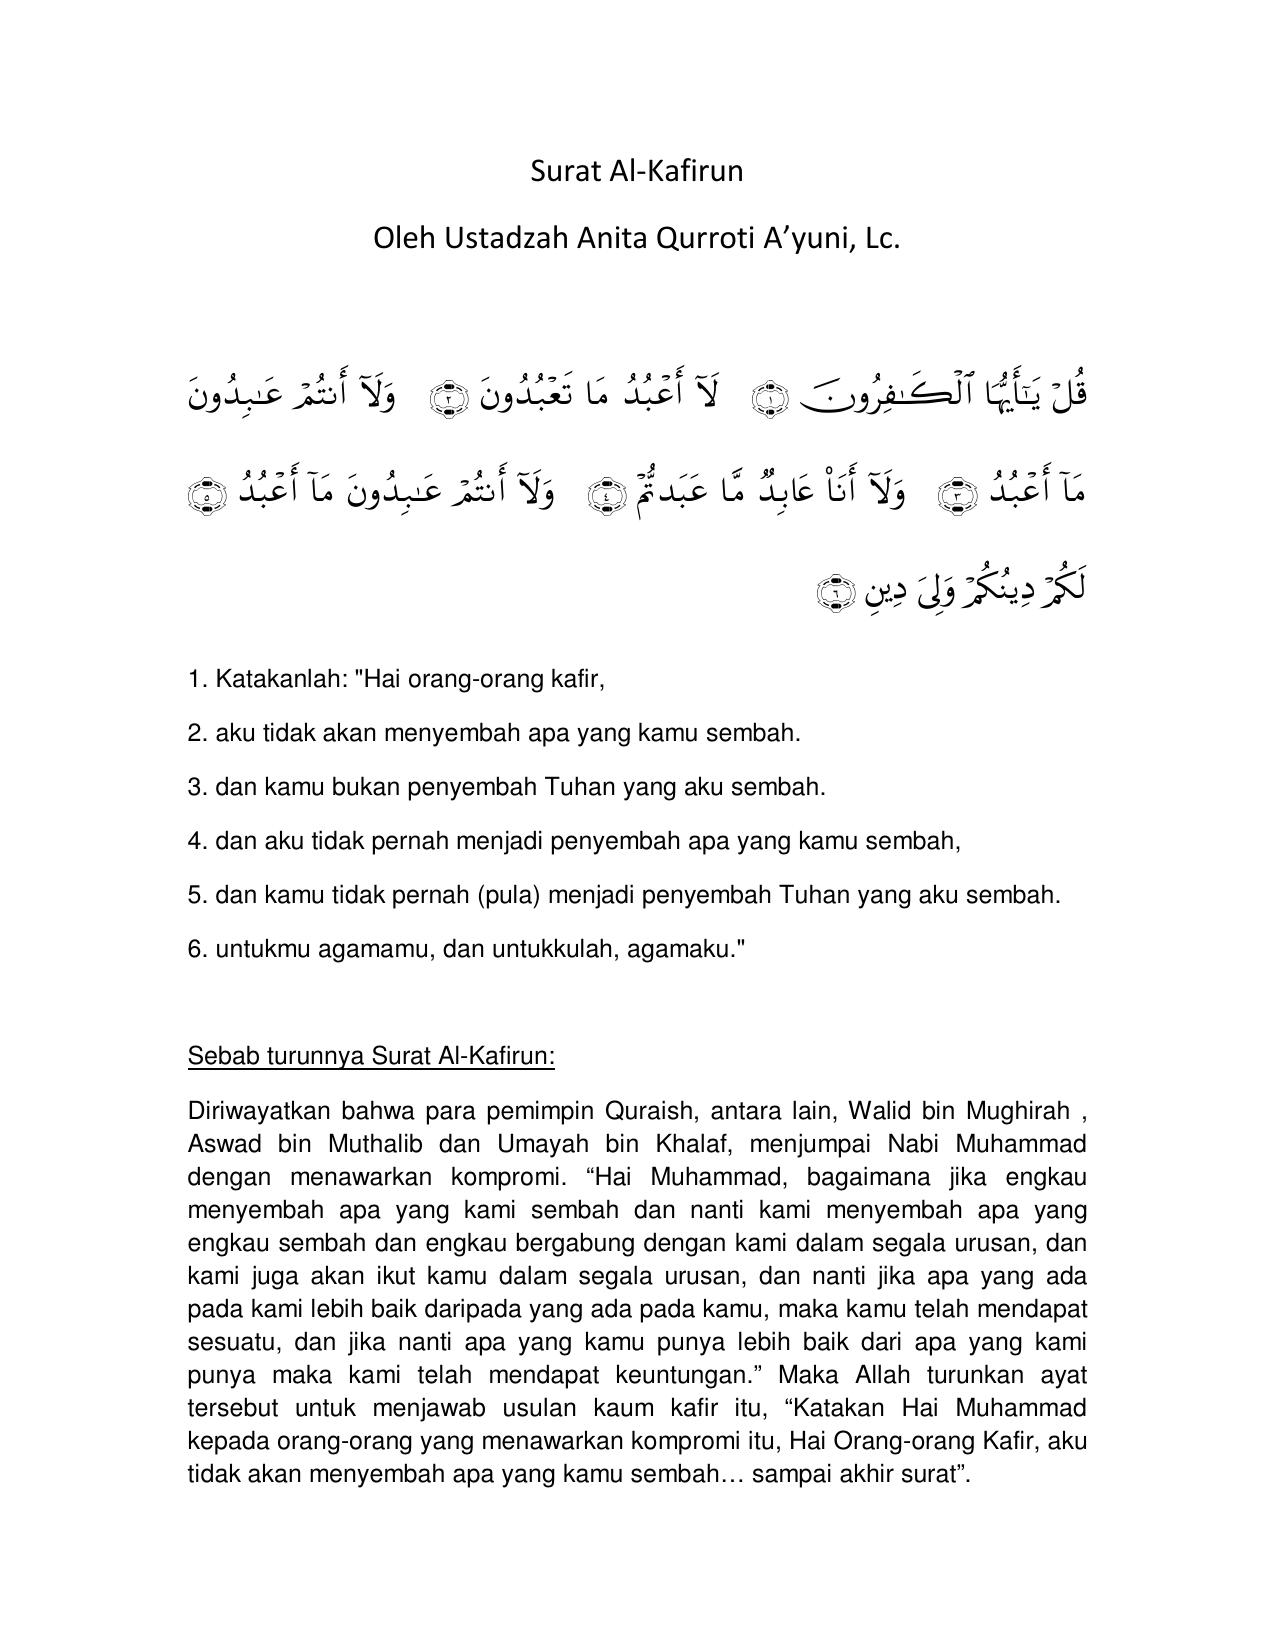 Surat Al Kafirun Oleh Ustadzah Anita Qurroti Ayuni Lc ц